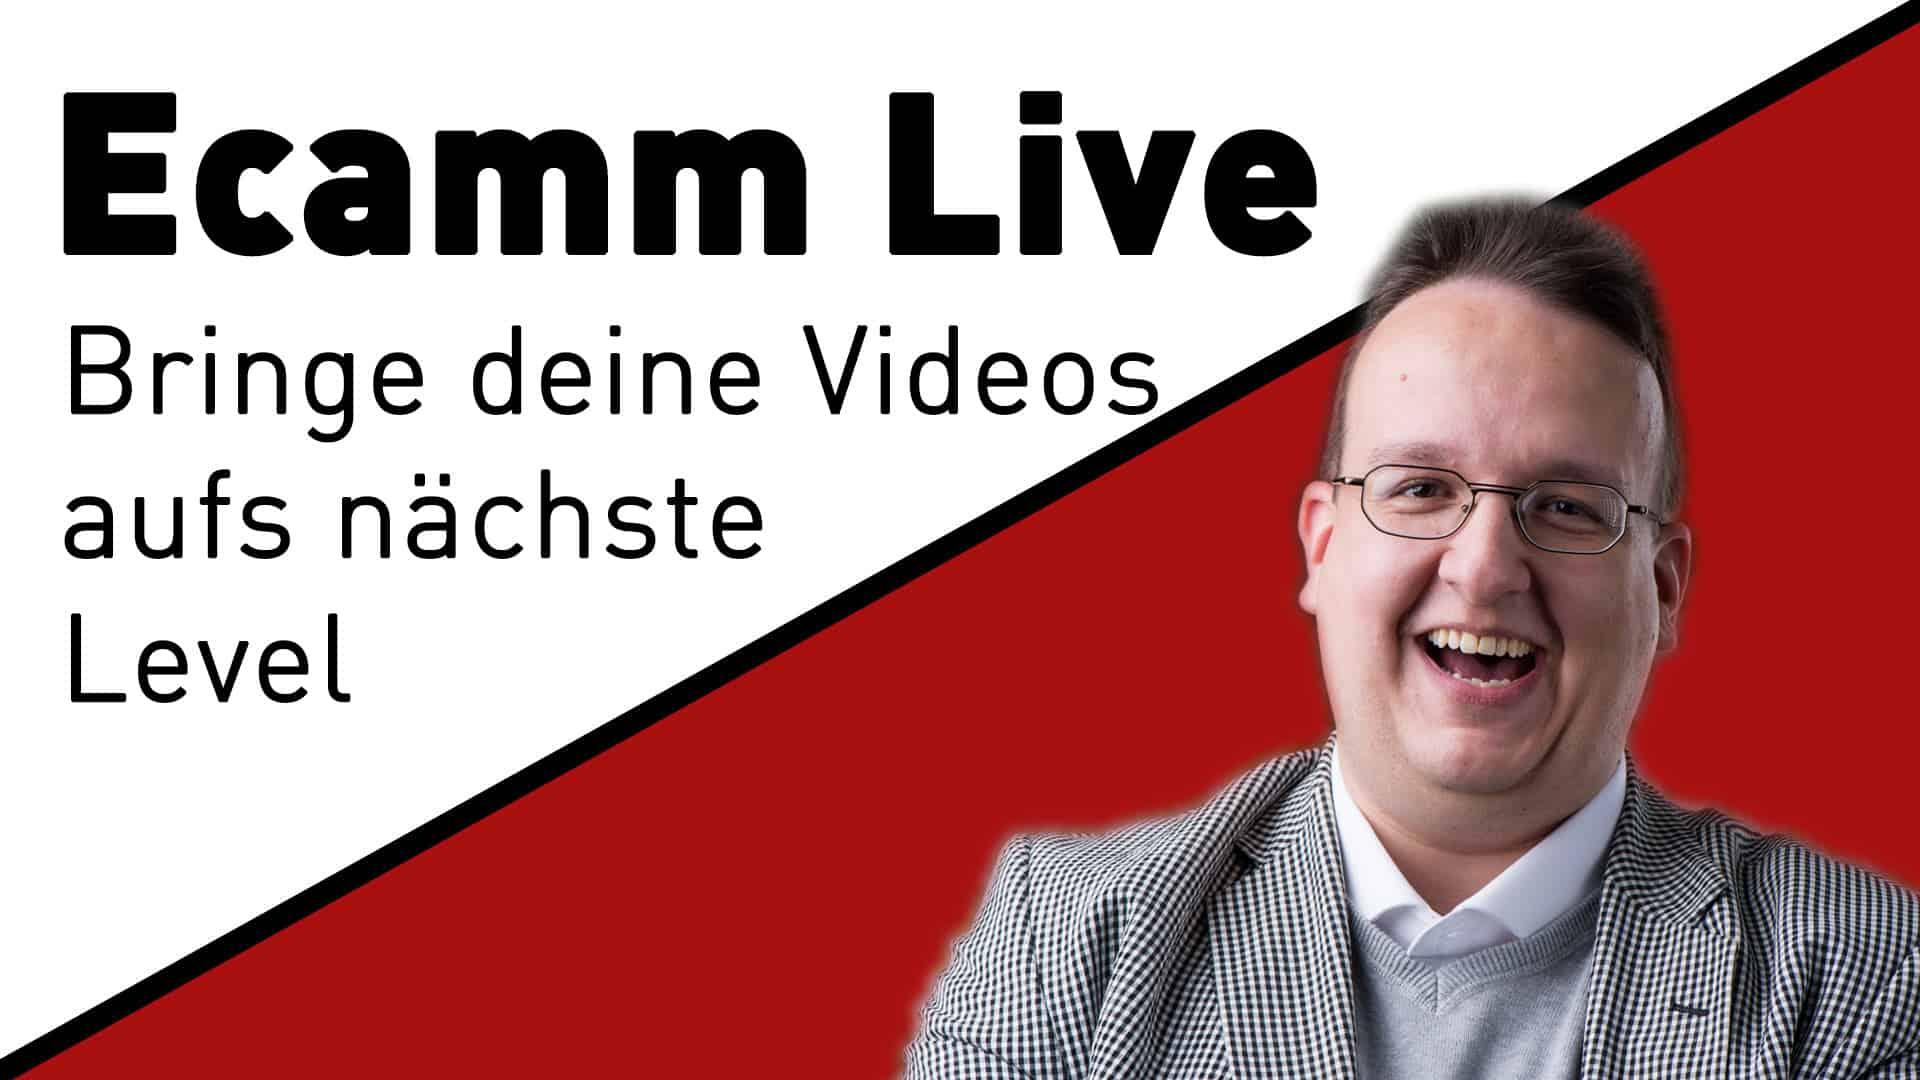 webinar ecamm live fortgeschrittene - Ecamm Live Webinare